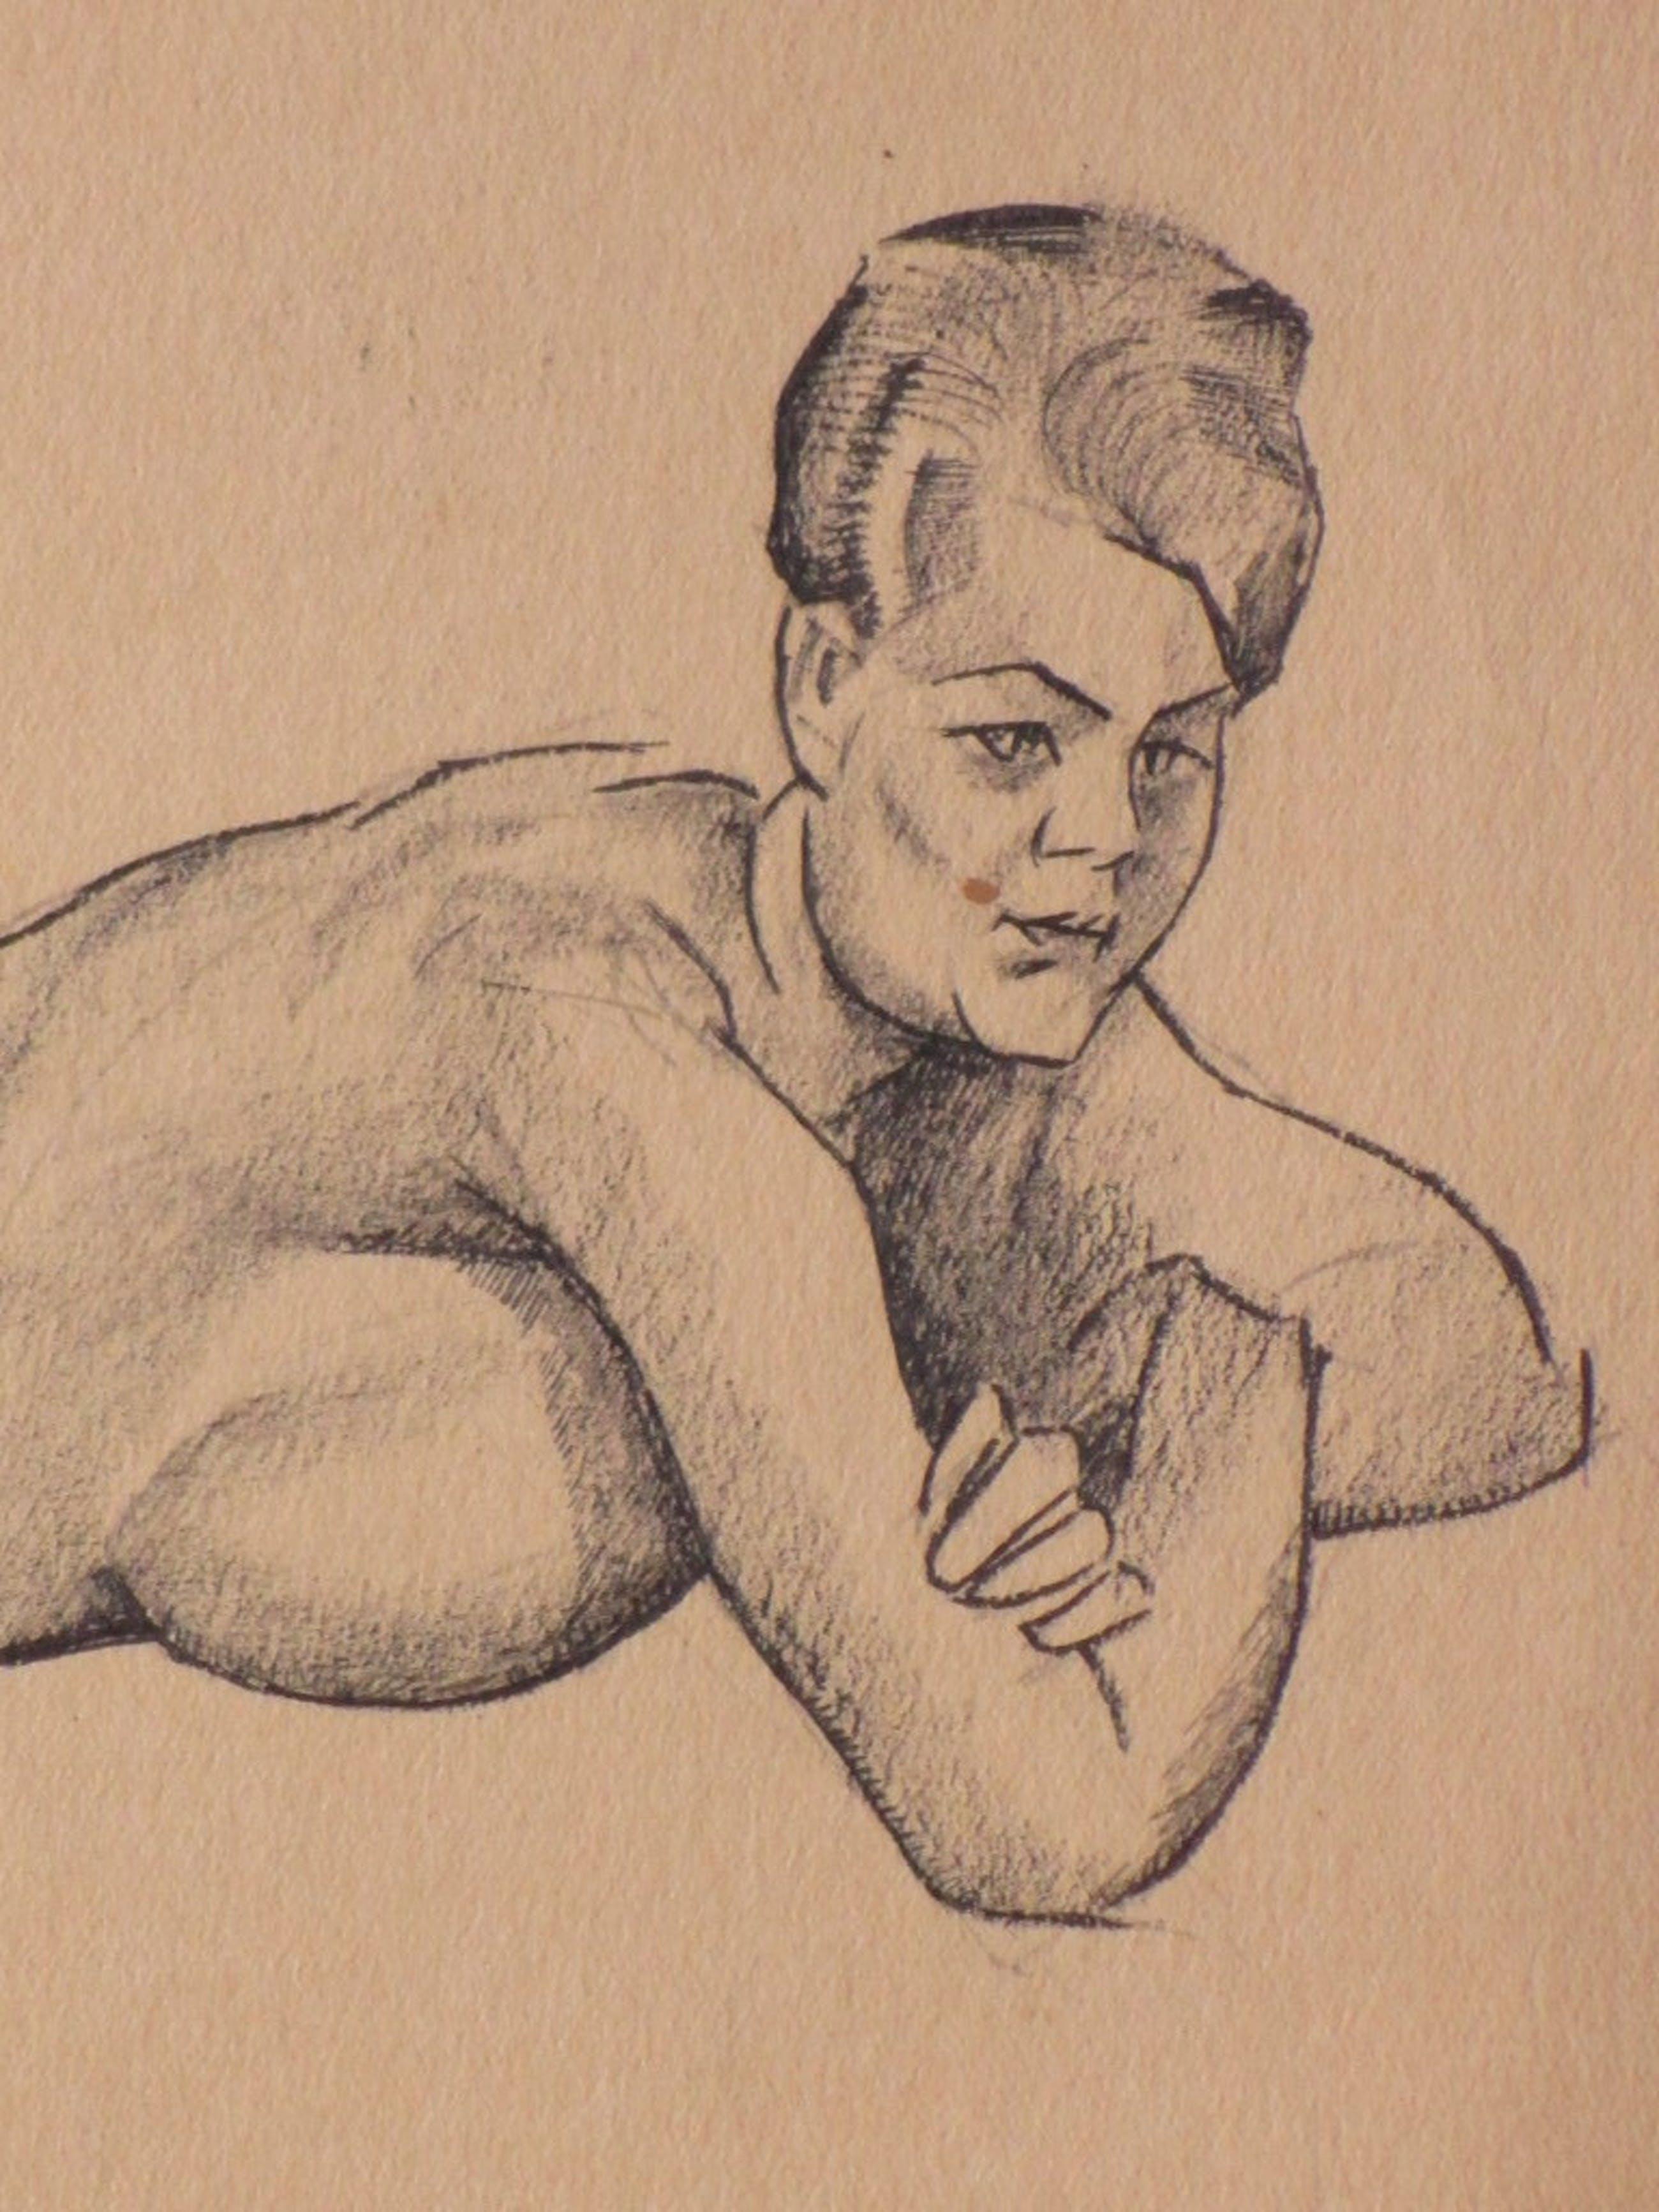 Herman Bieling, Liggende naakte vrouw, Tekening 1919 kopen? Bied vanaf 1!